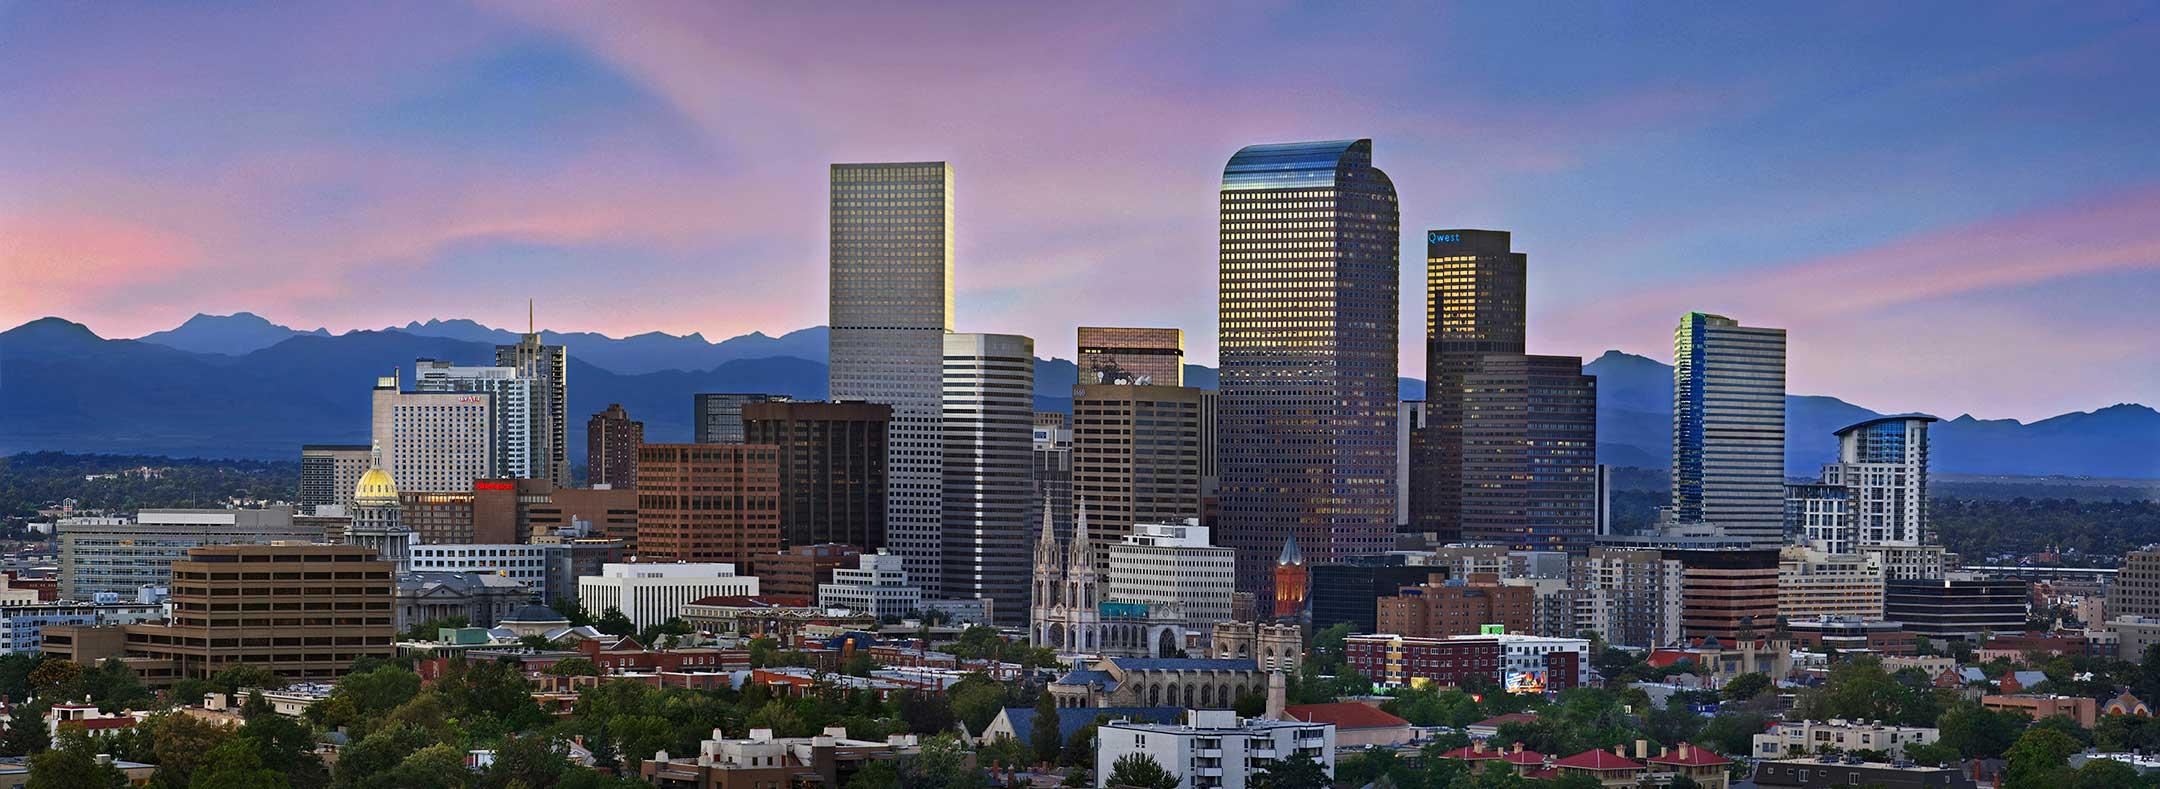 Denver Apartments For Sale